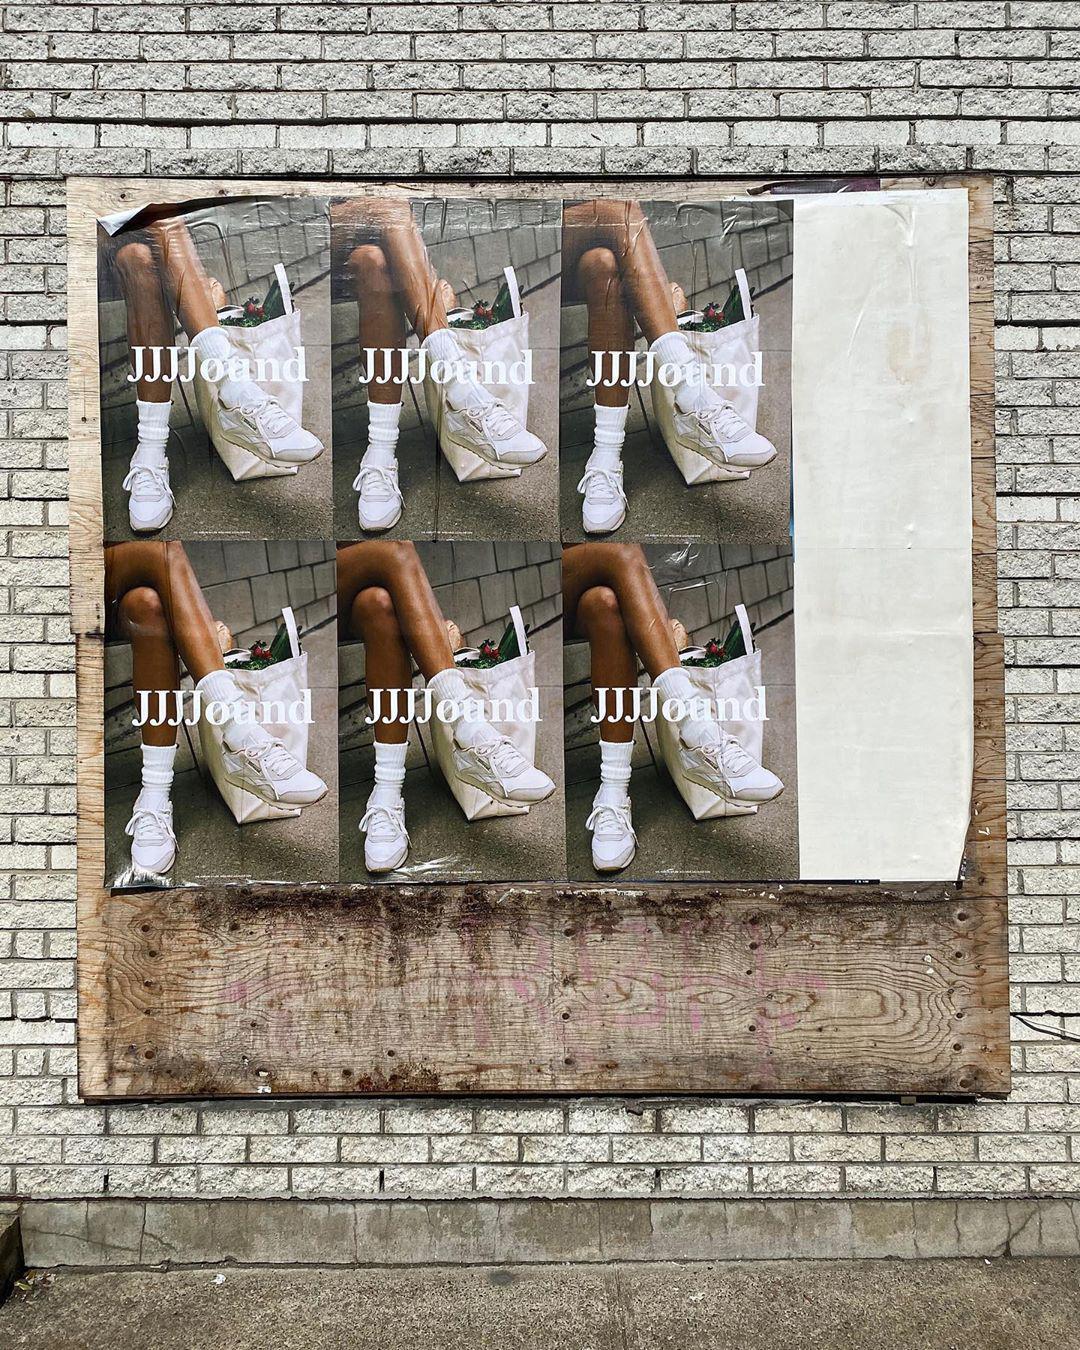 JJJJound x 全新联乘预告公开,以米色、白色作为主调……